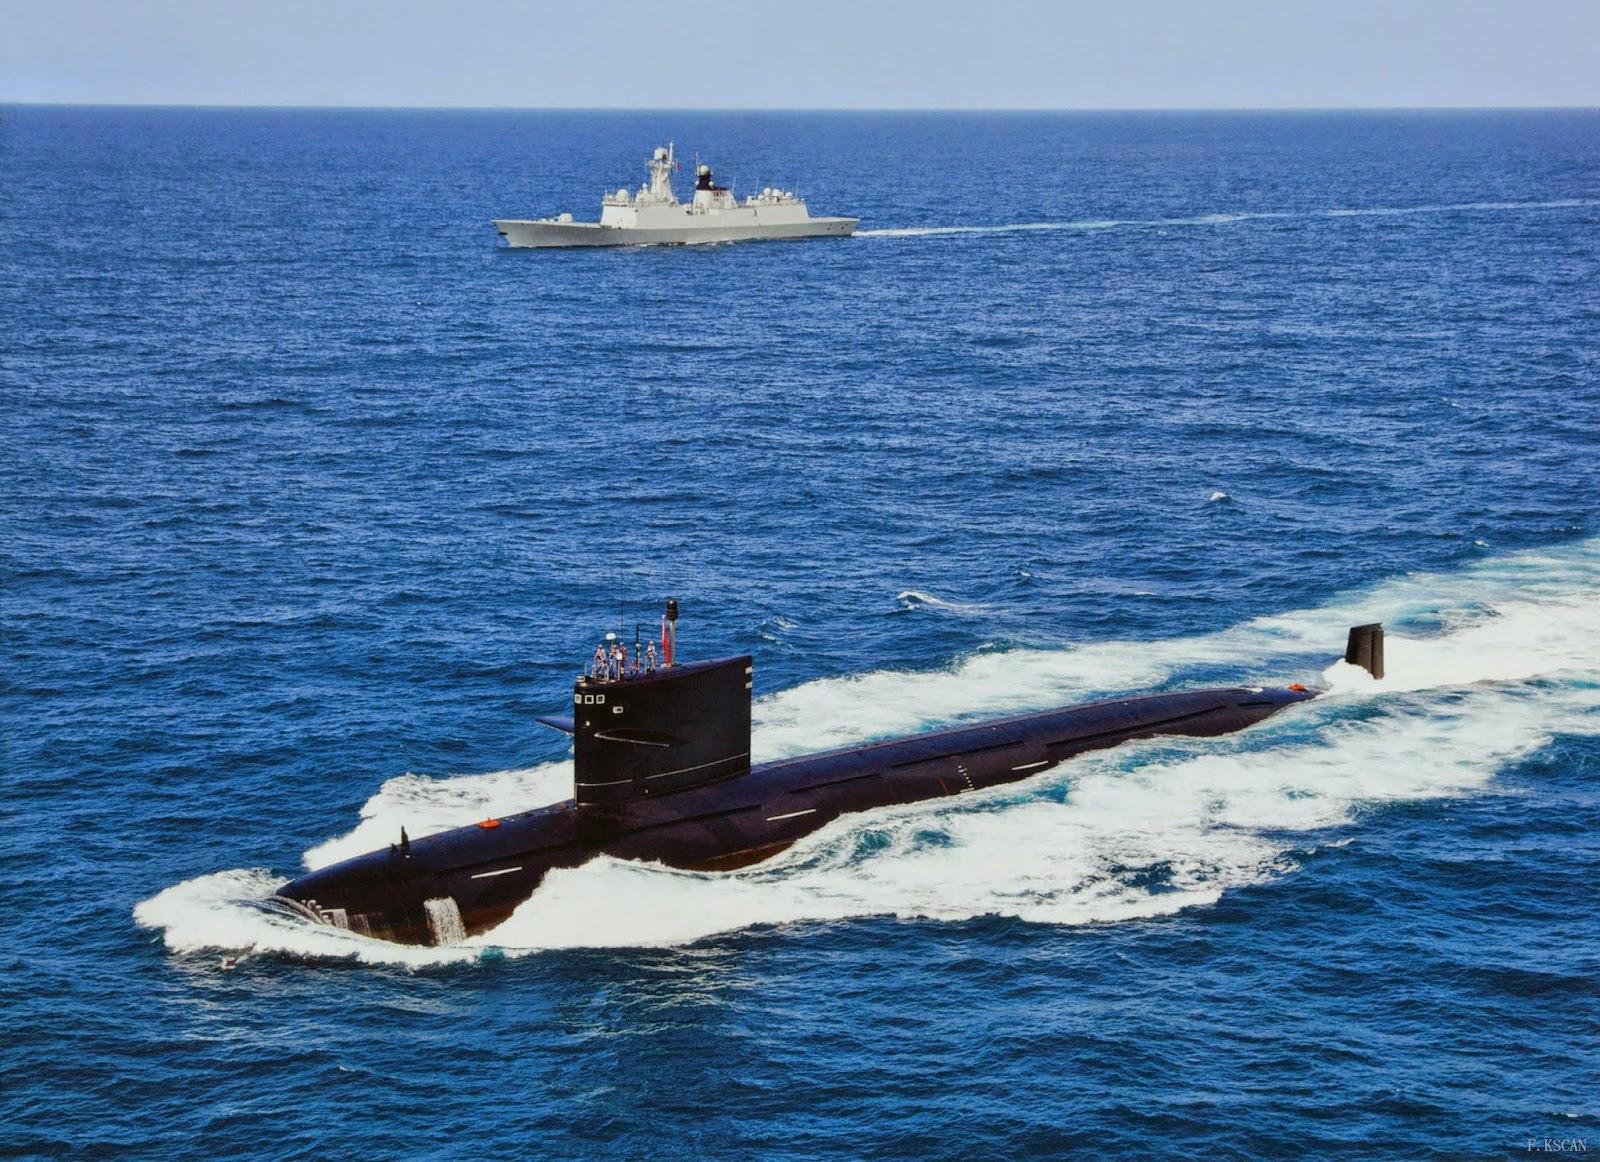 Tàu ngầm hạt nhân Type-093 Trung Quốc hoạt động gần một tàu tên lửa đa năng Type-054A. Ảnh: Chinese Military Review.